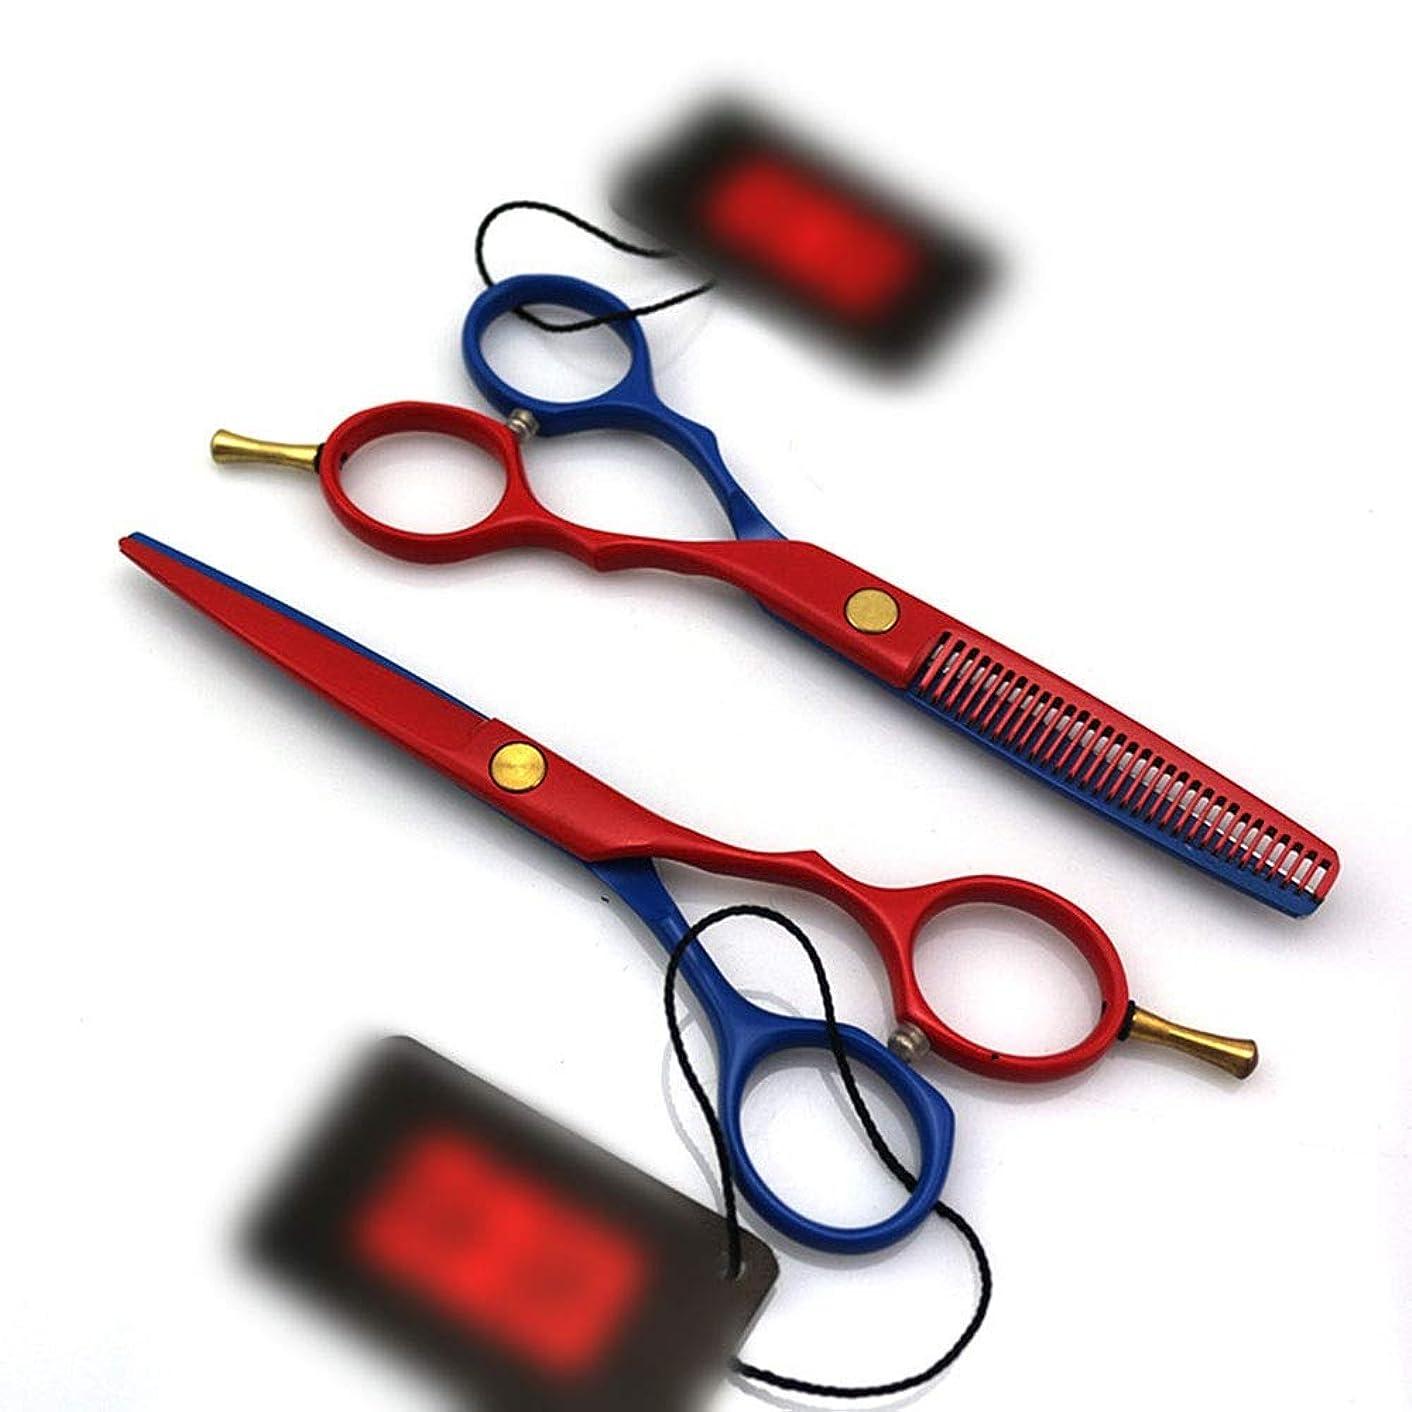 日没医薬品フェデレーション5.5インチのペイントクラフトのプロの理髪はさみ モデリングツール (色 : Red blue)